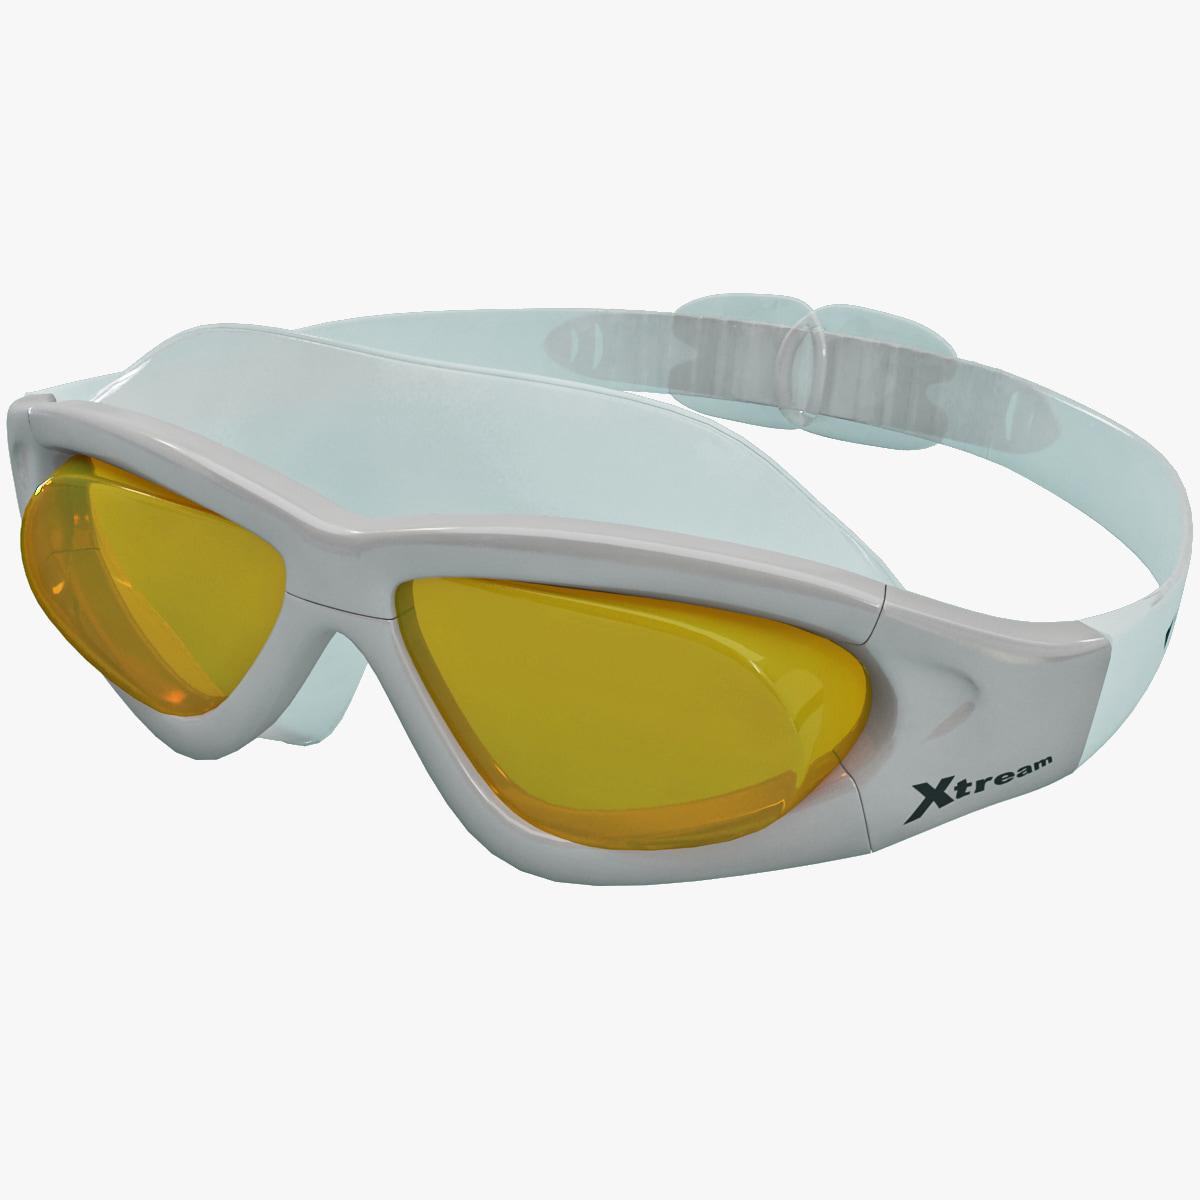 3d ski swim xtreme goggles model